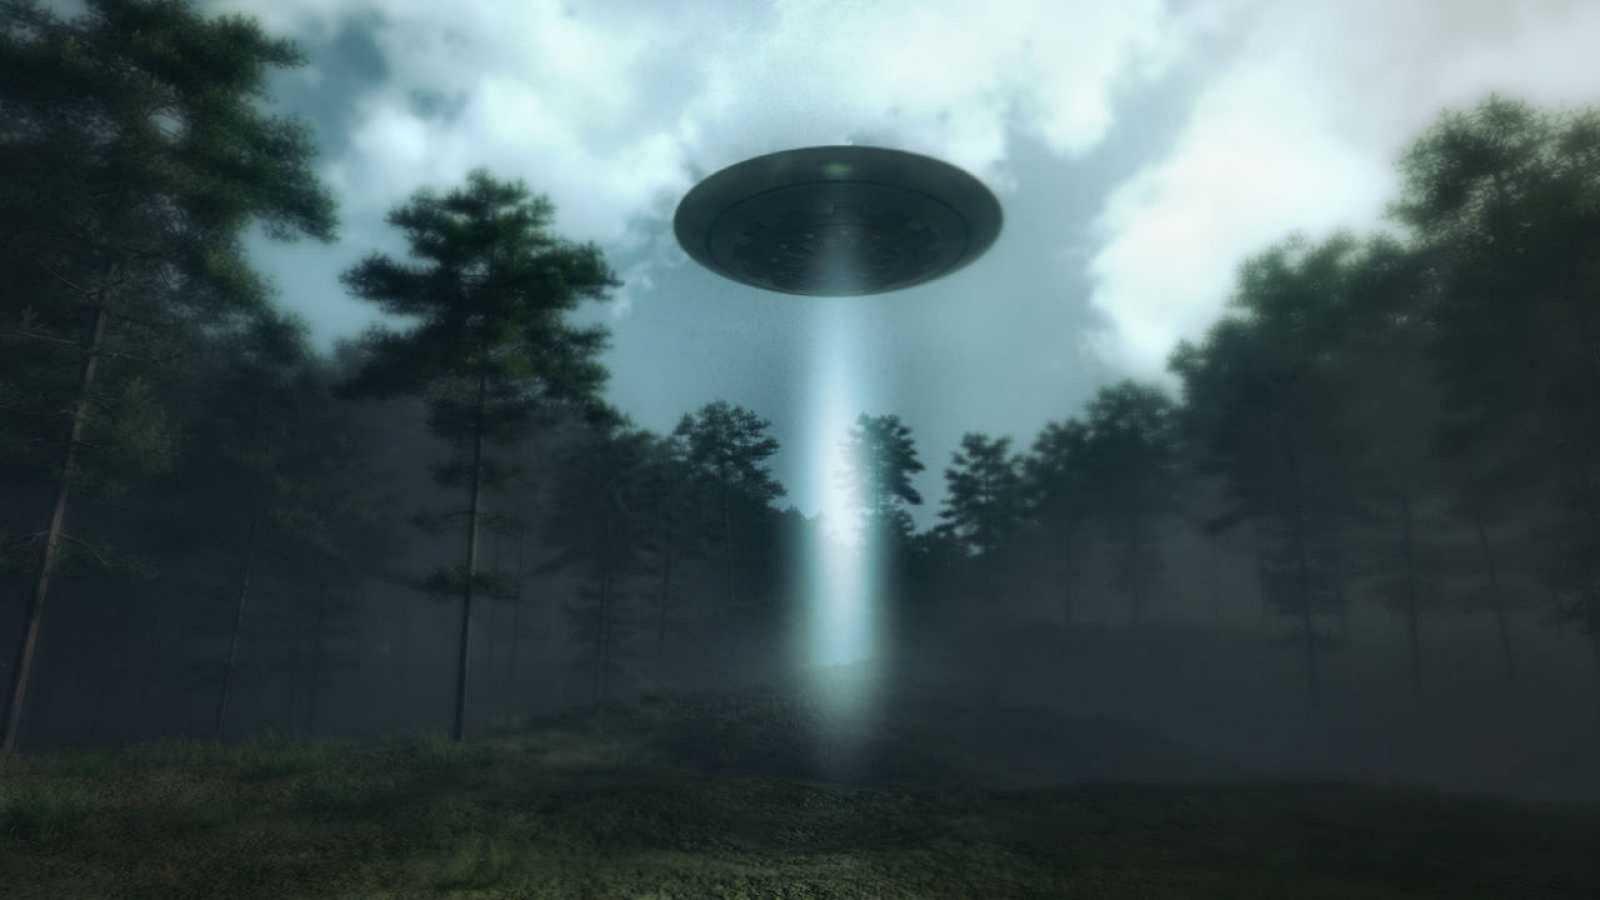 Espacio En Blanco Ebes Entidades Biológicas Extraterrestres 27 09 20 Rtve Es